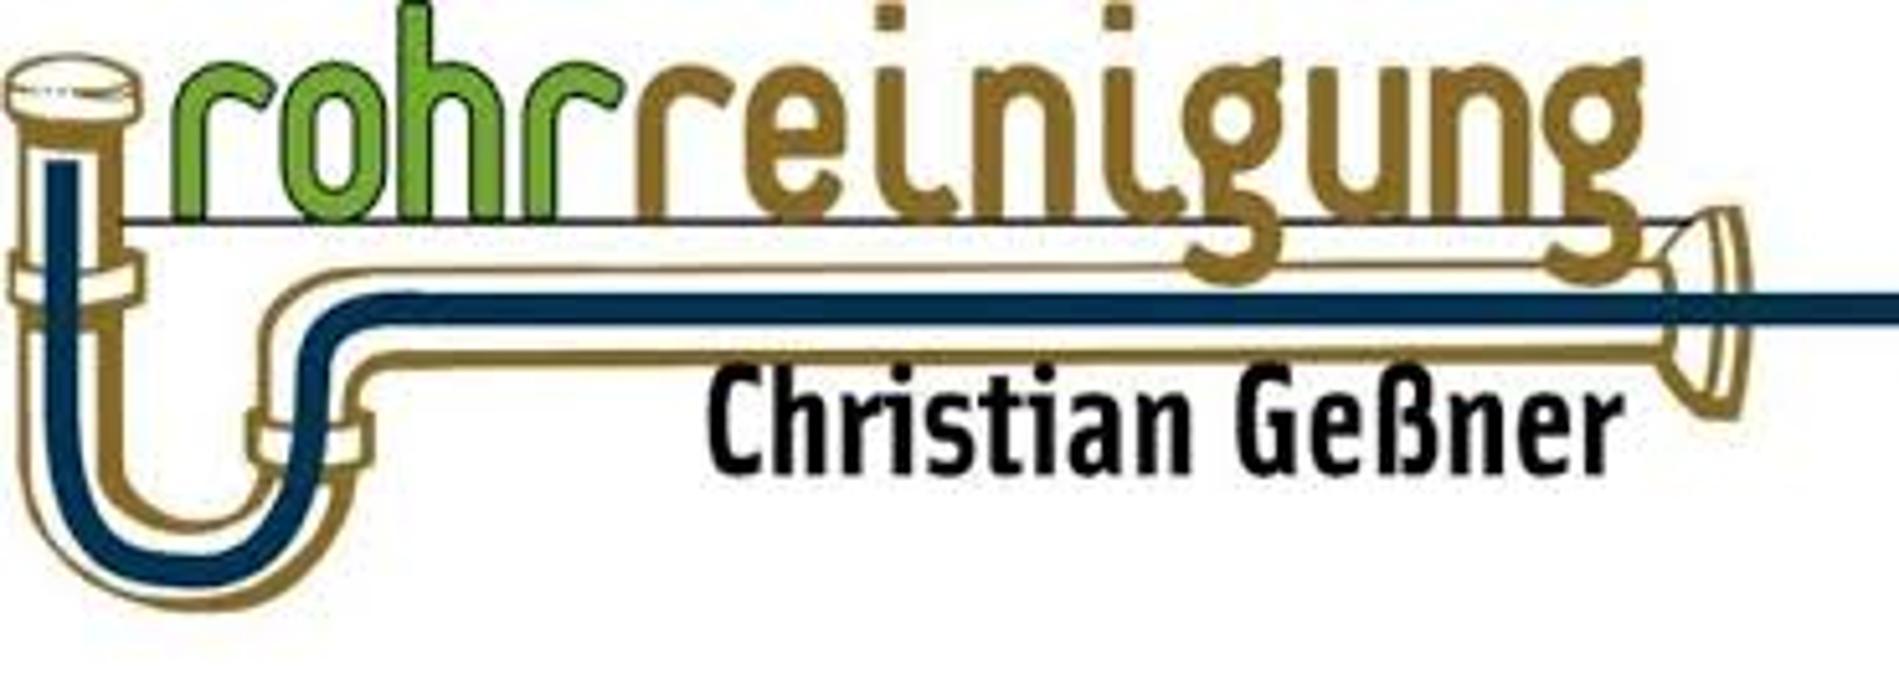 Bild zu Rohrreinigung Christian Geßner in Nittendorf